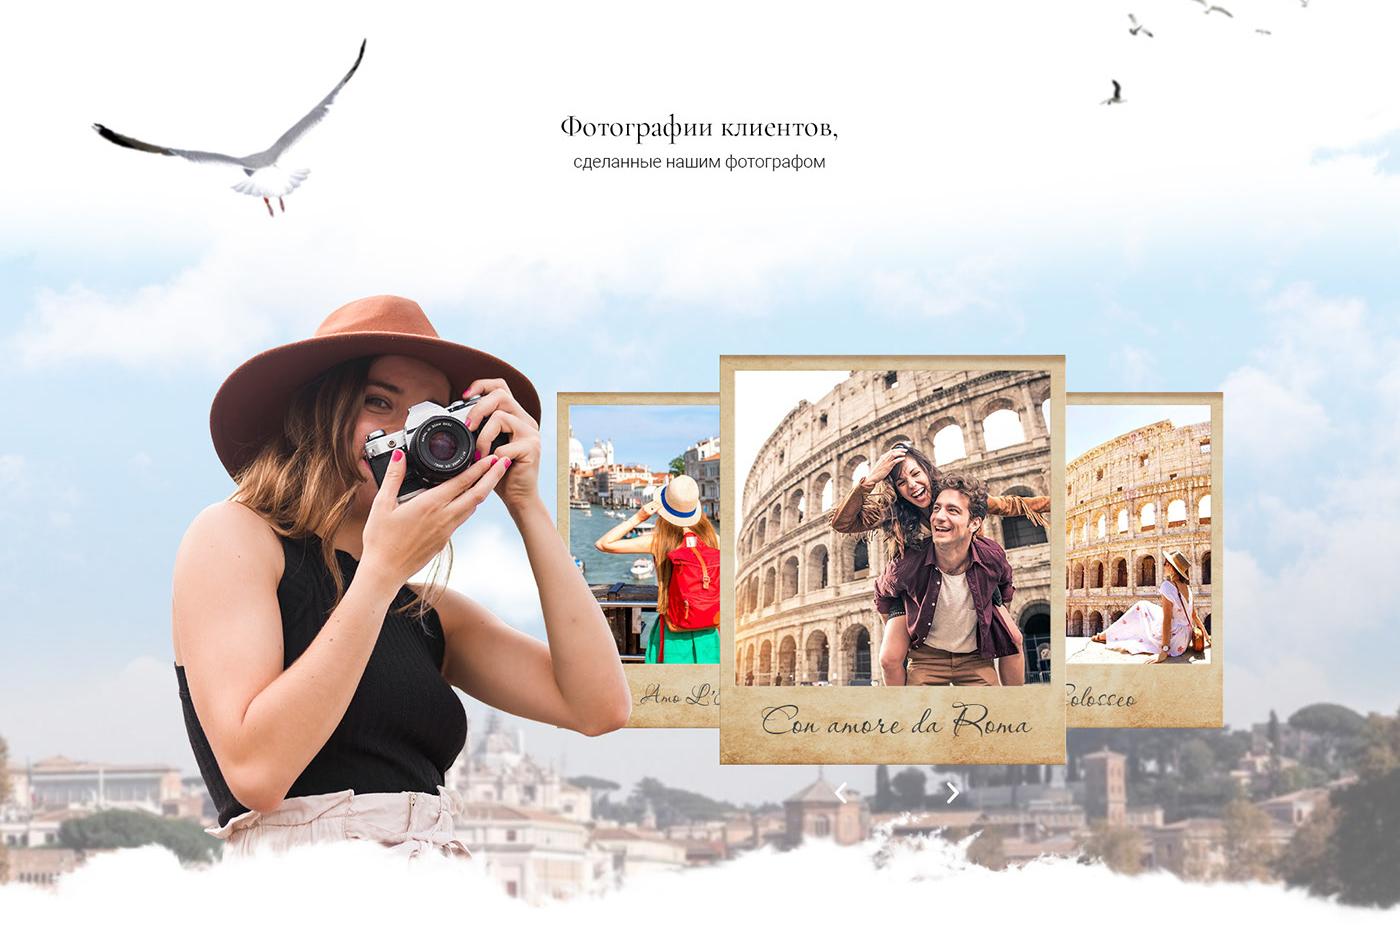 Кейс. Лендинг - экскурсии по Риму. Пасмедиа